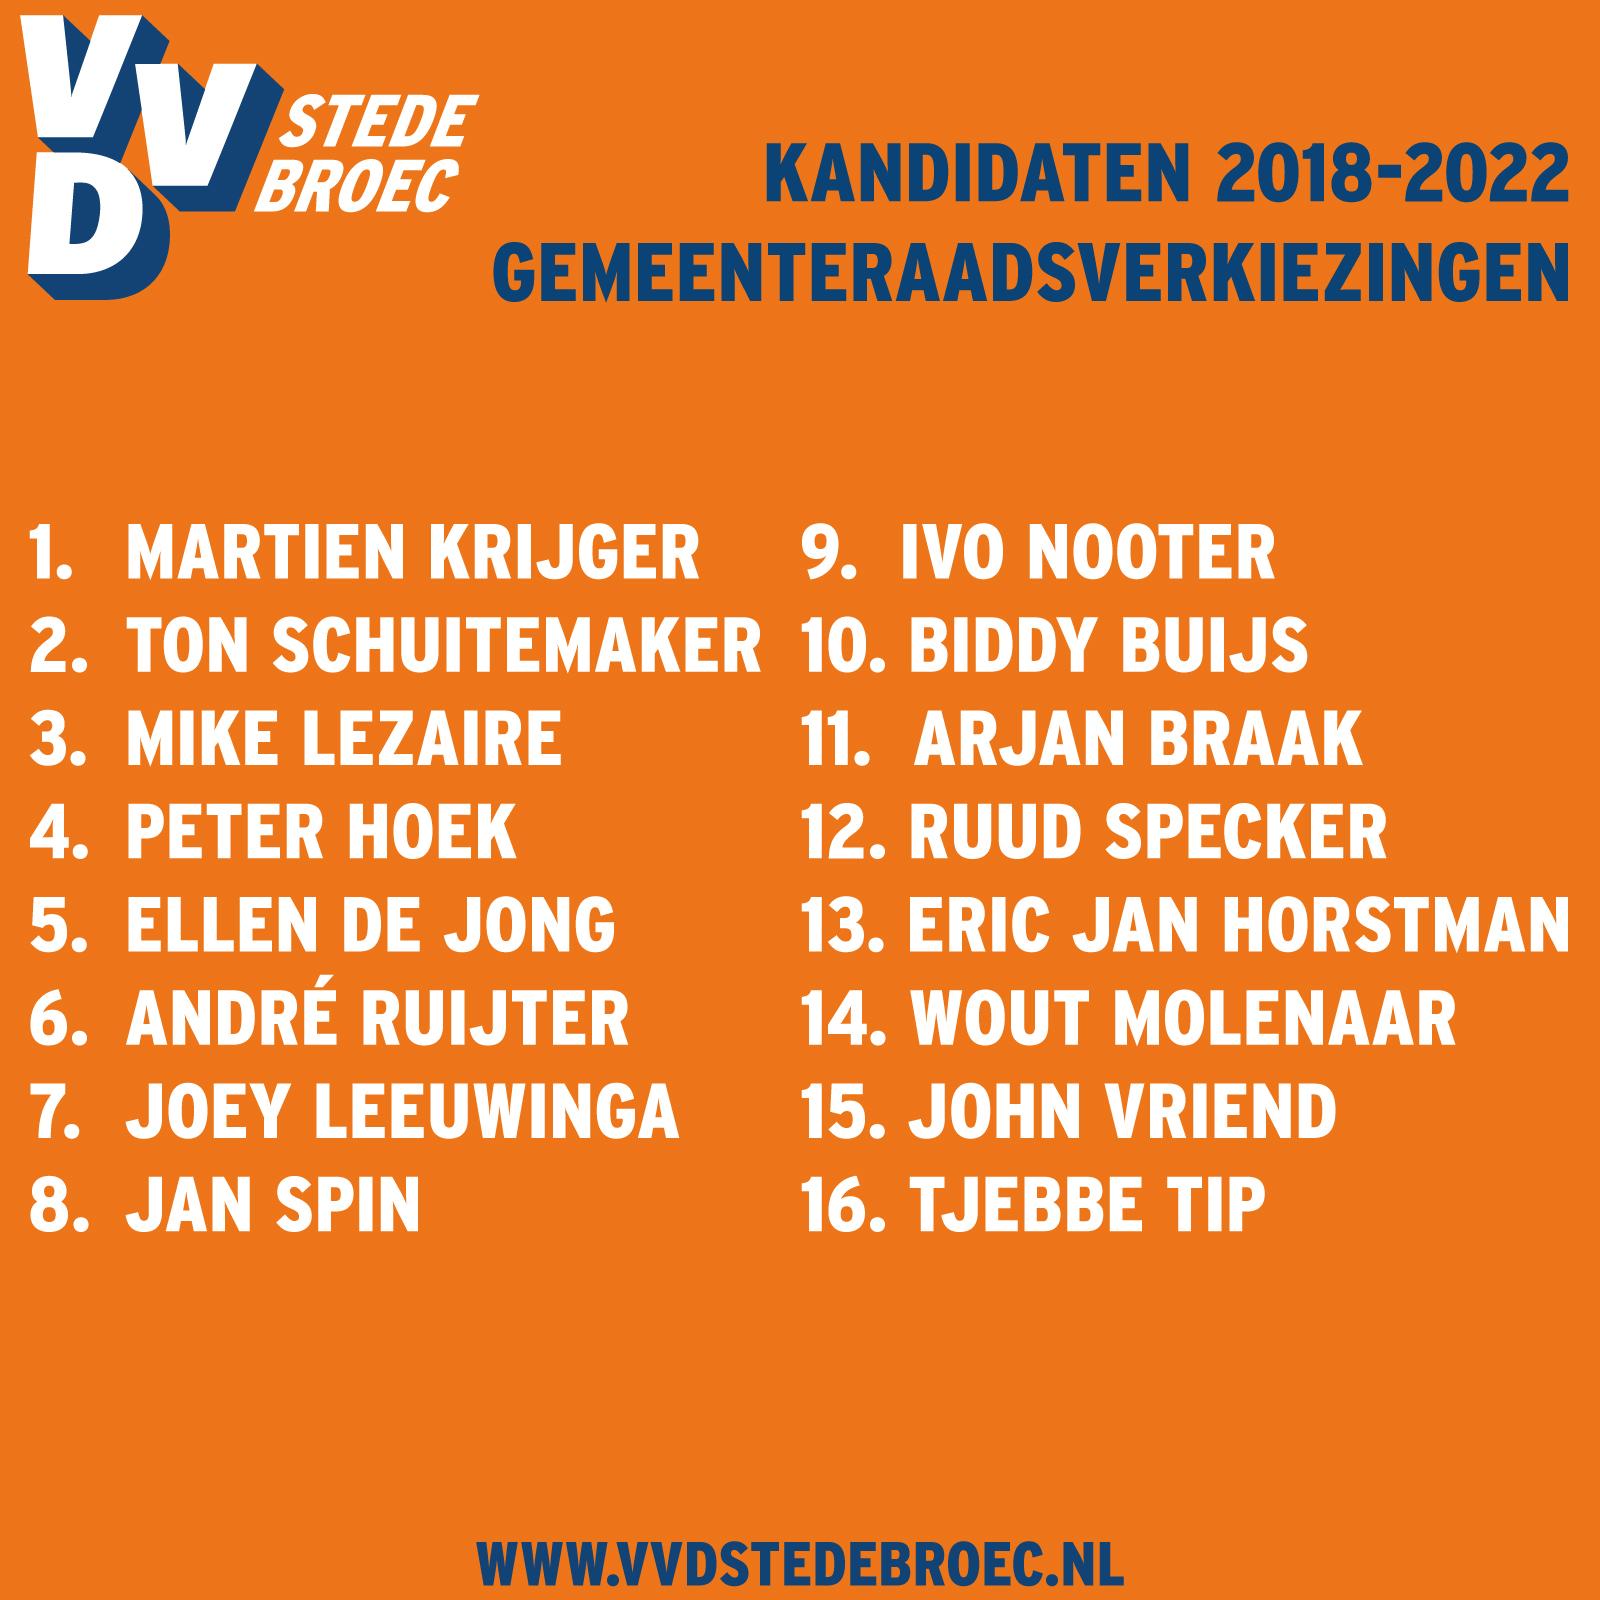 De kandidatenlijst van de VVD Stede Broec 2018